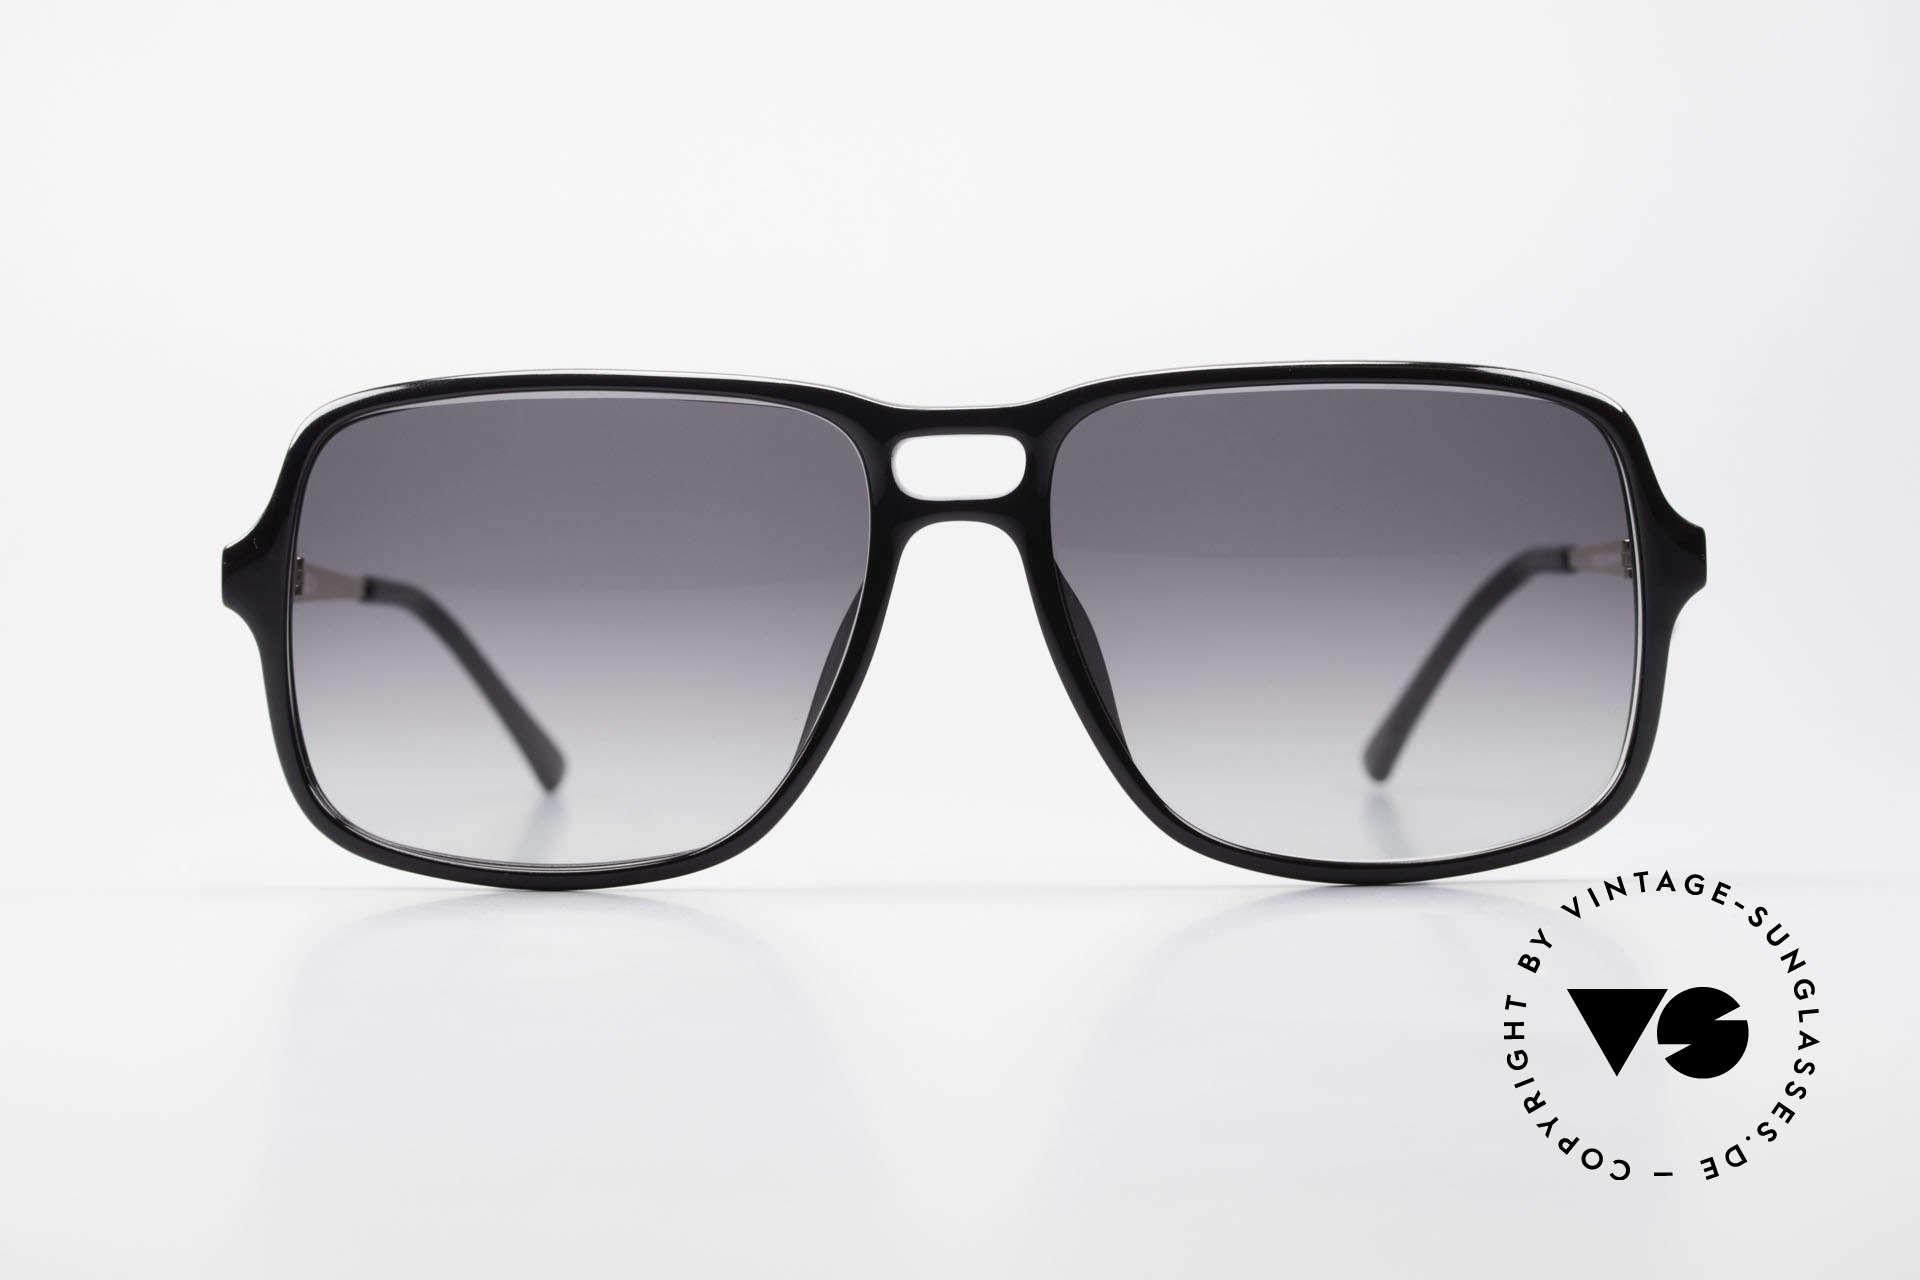 Dunhill 6074 Alte 80er Herren Sonnenbrille, sehr markante Dunhill vintage Sonnenbrille von 1989, Passend für Herren